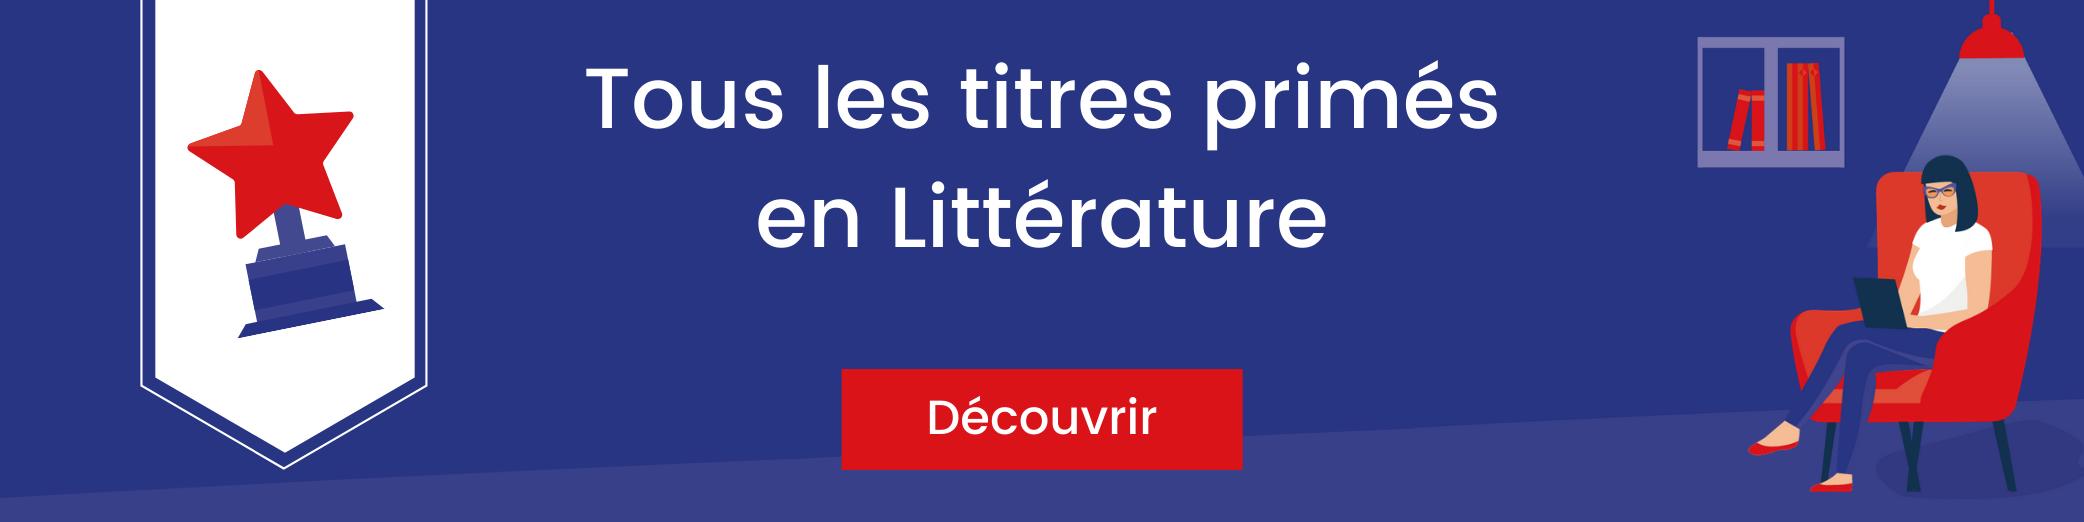 Bannière titres primés en littérature